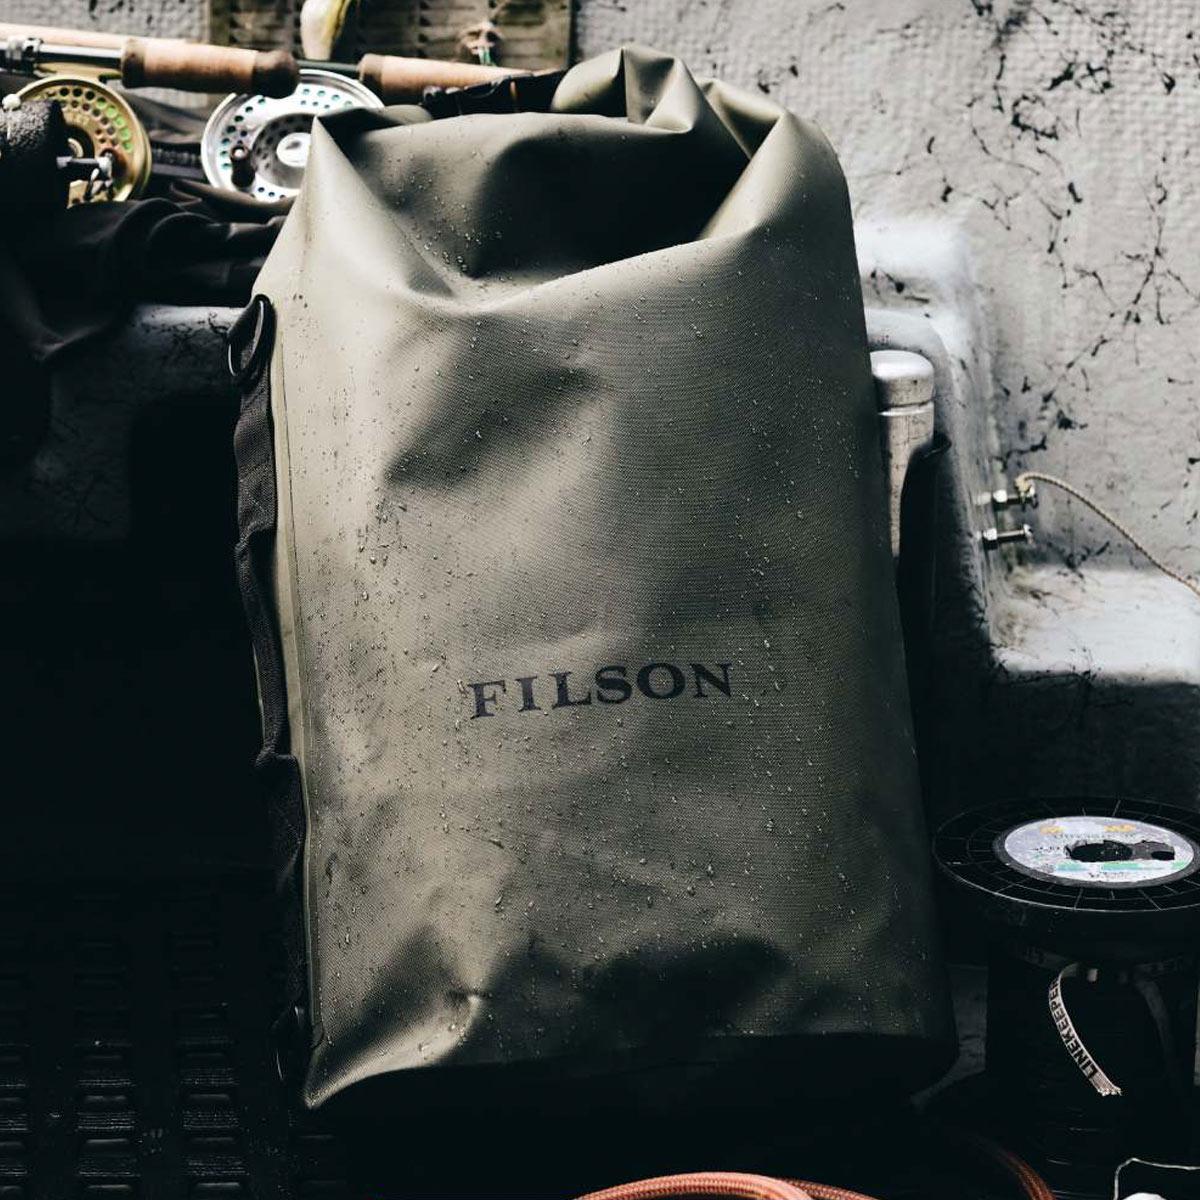 Filson Dry Bag Large, lichtgewicht, waterdichte dry bag